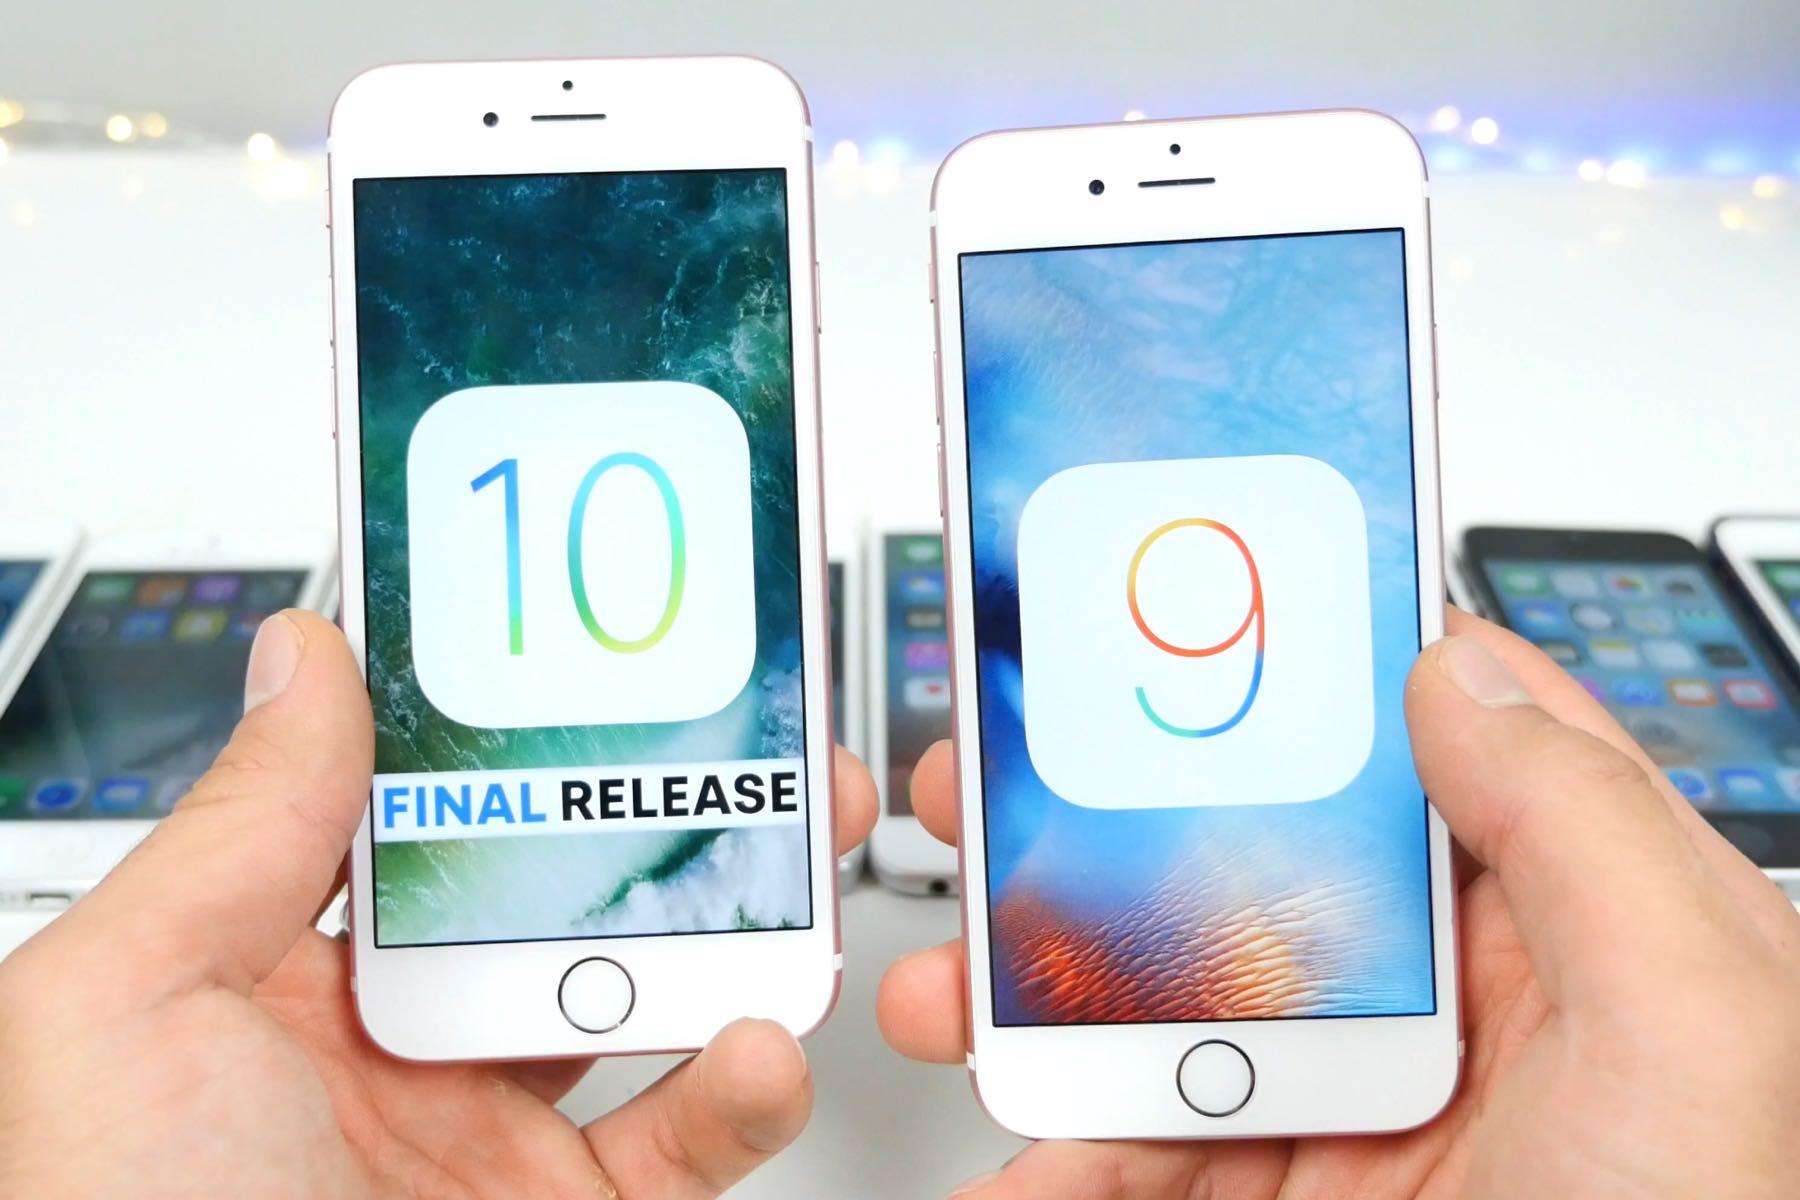 Apple iPhone iOS 10 Final iOS 9.3.5 2